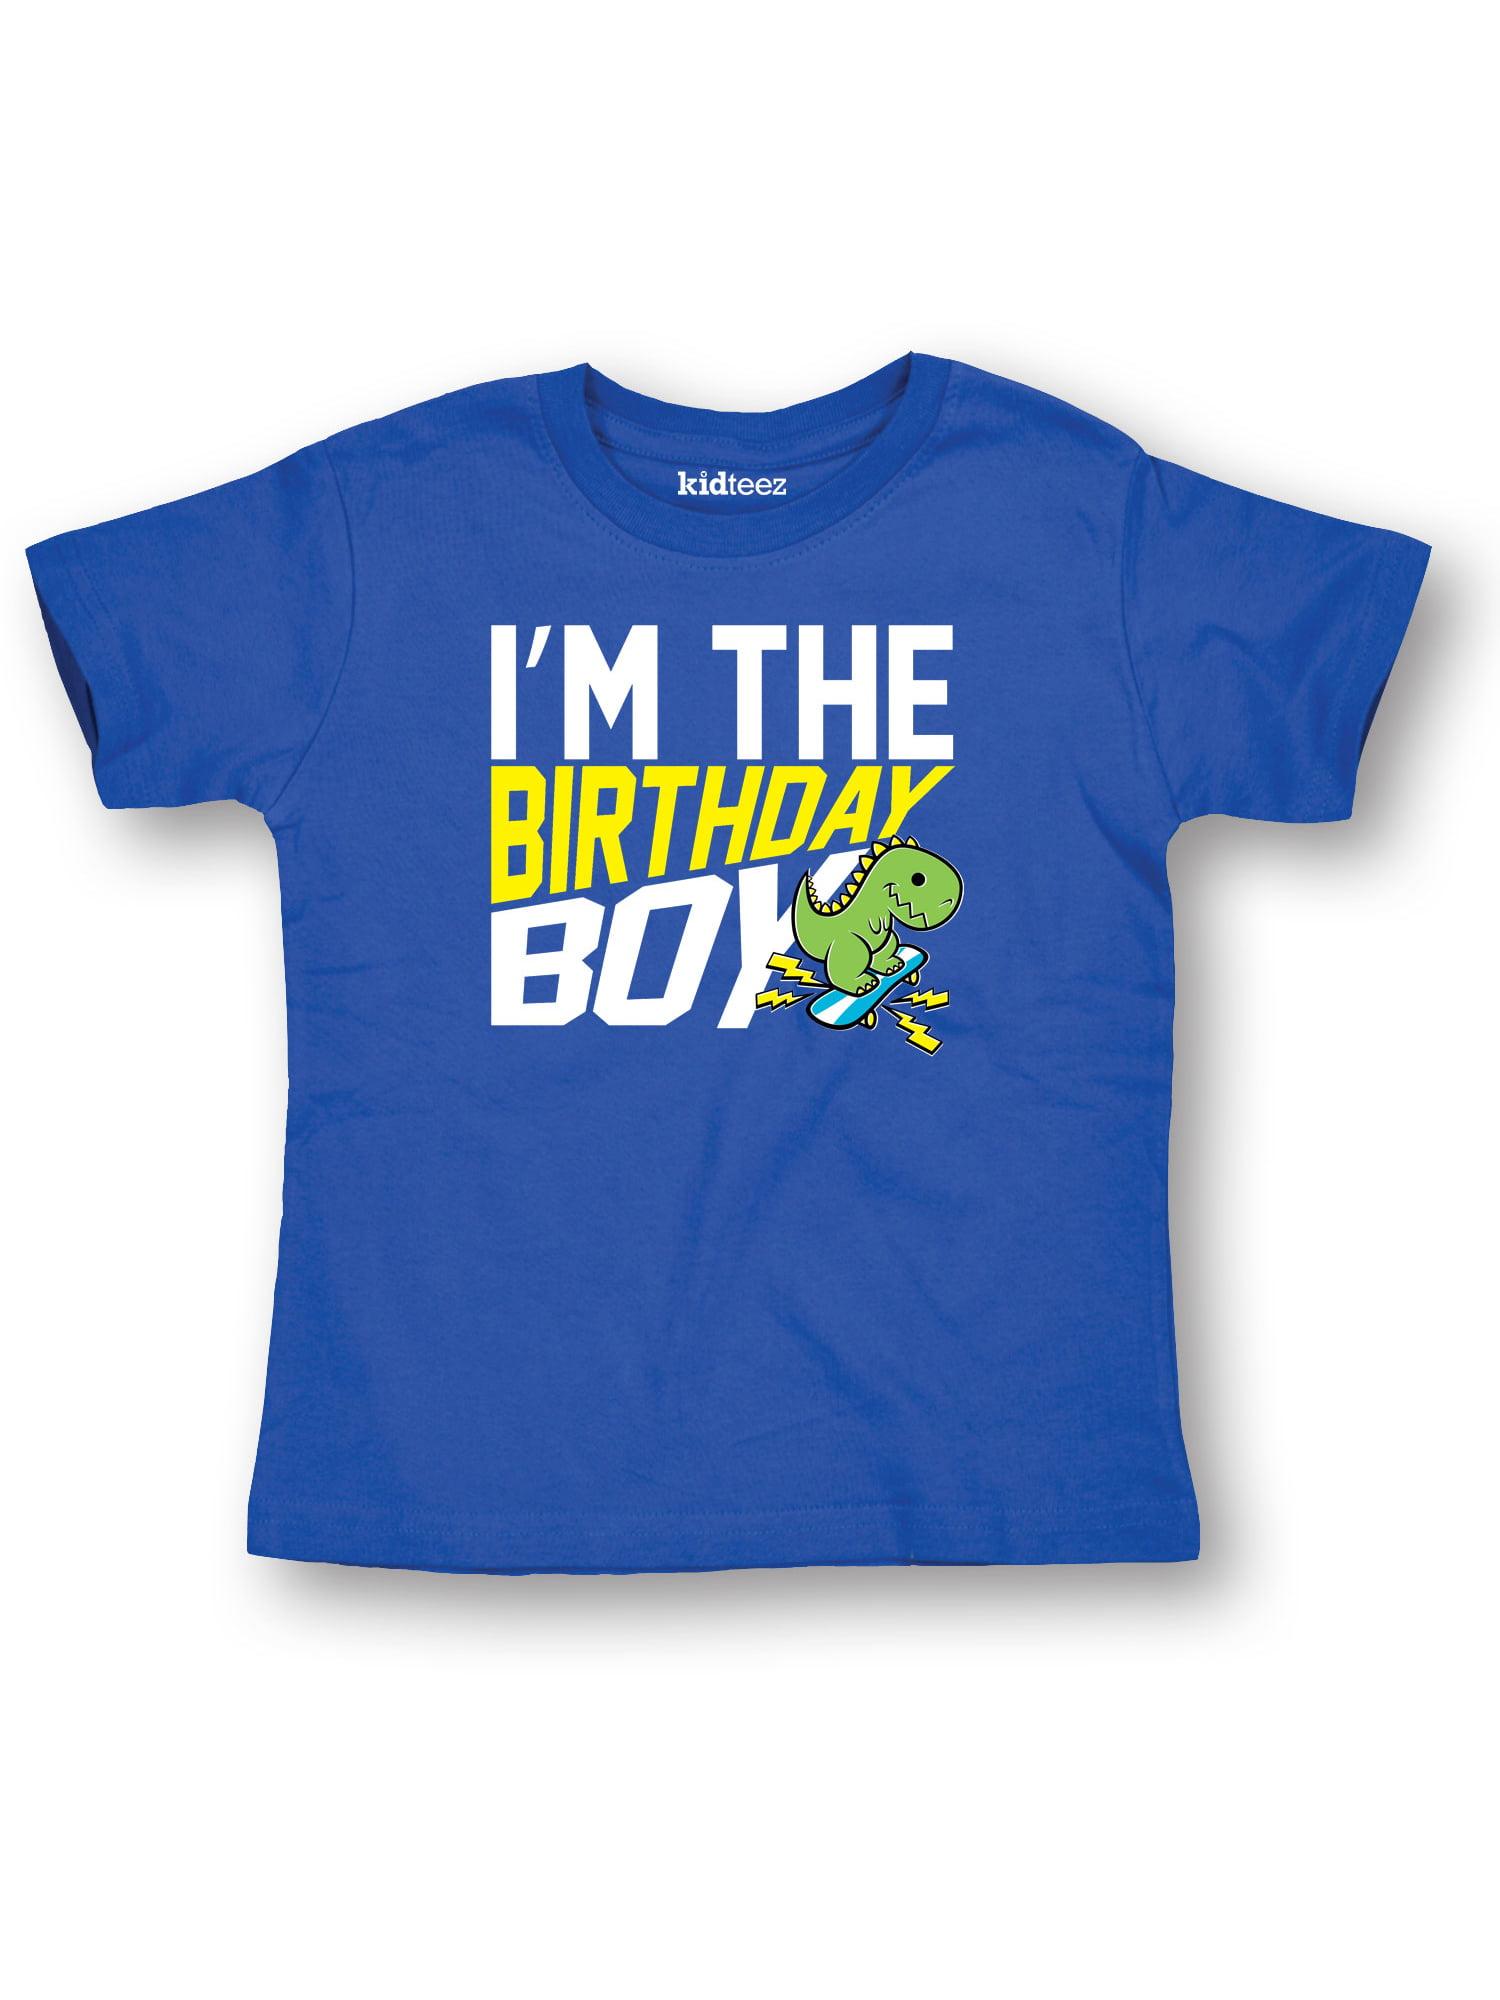 I'm The Birthday Dino Happy Birthday Party-Toddler T-Shirt